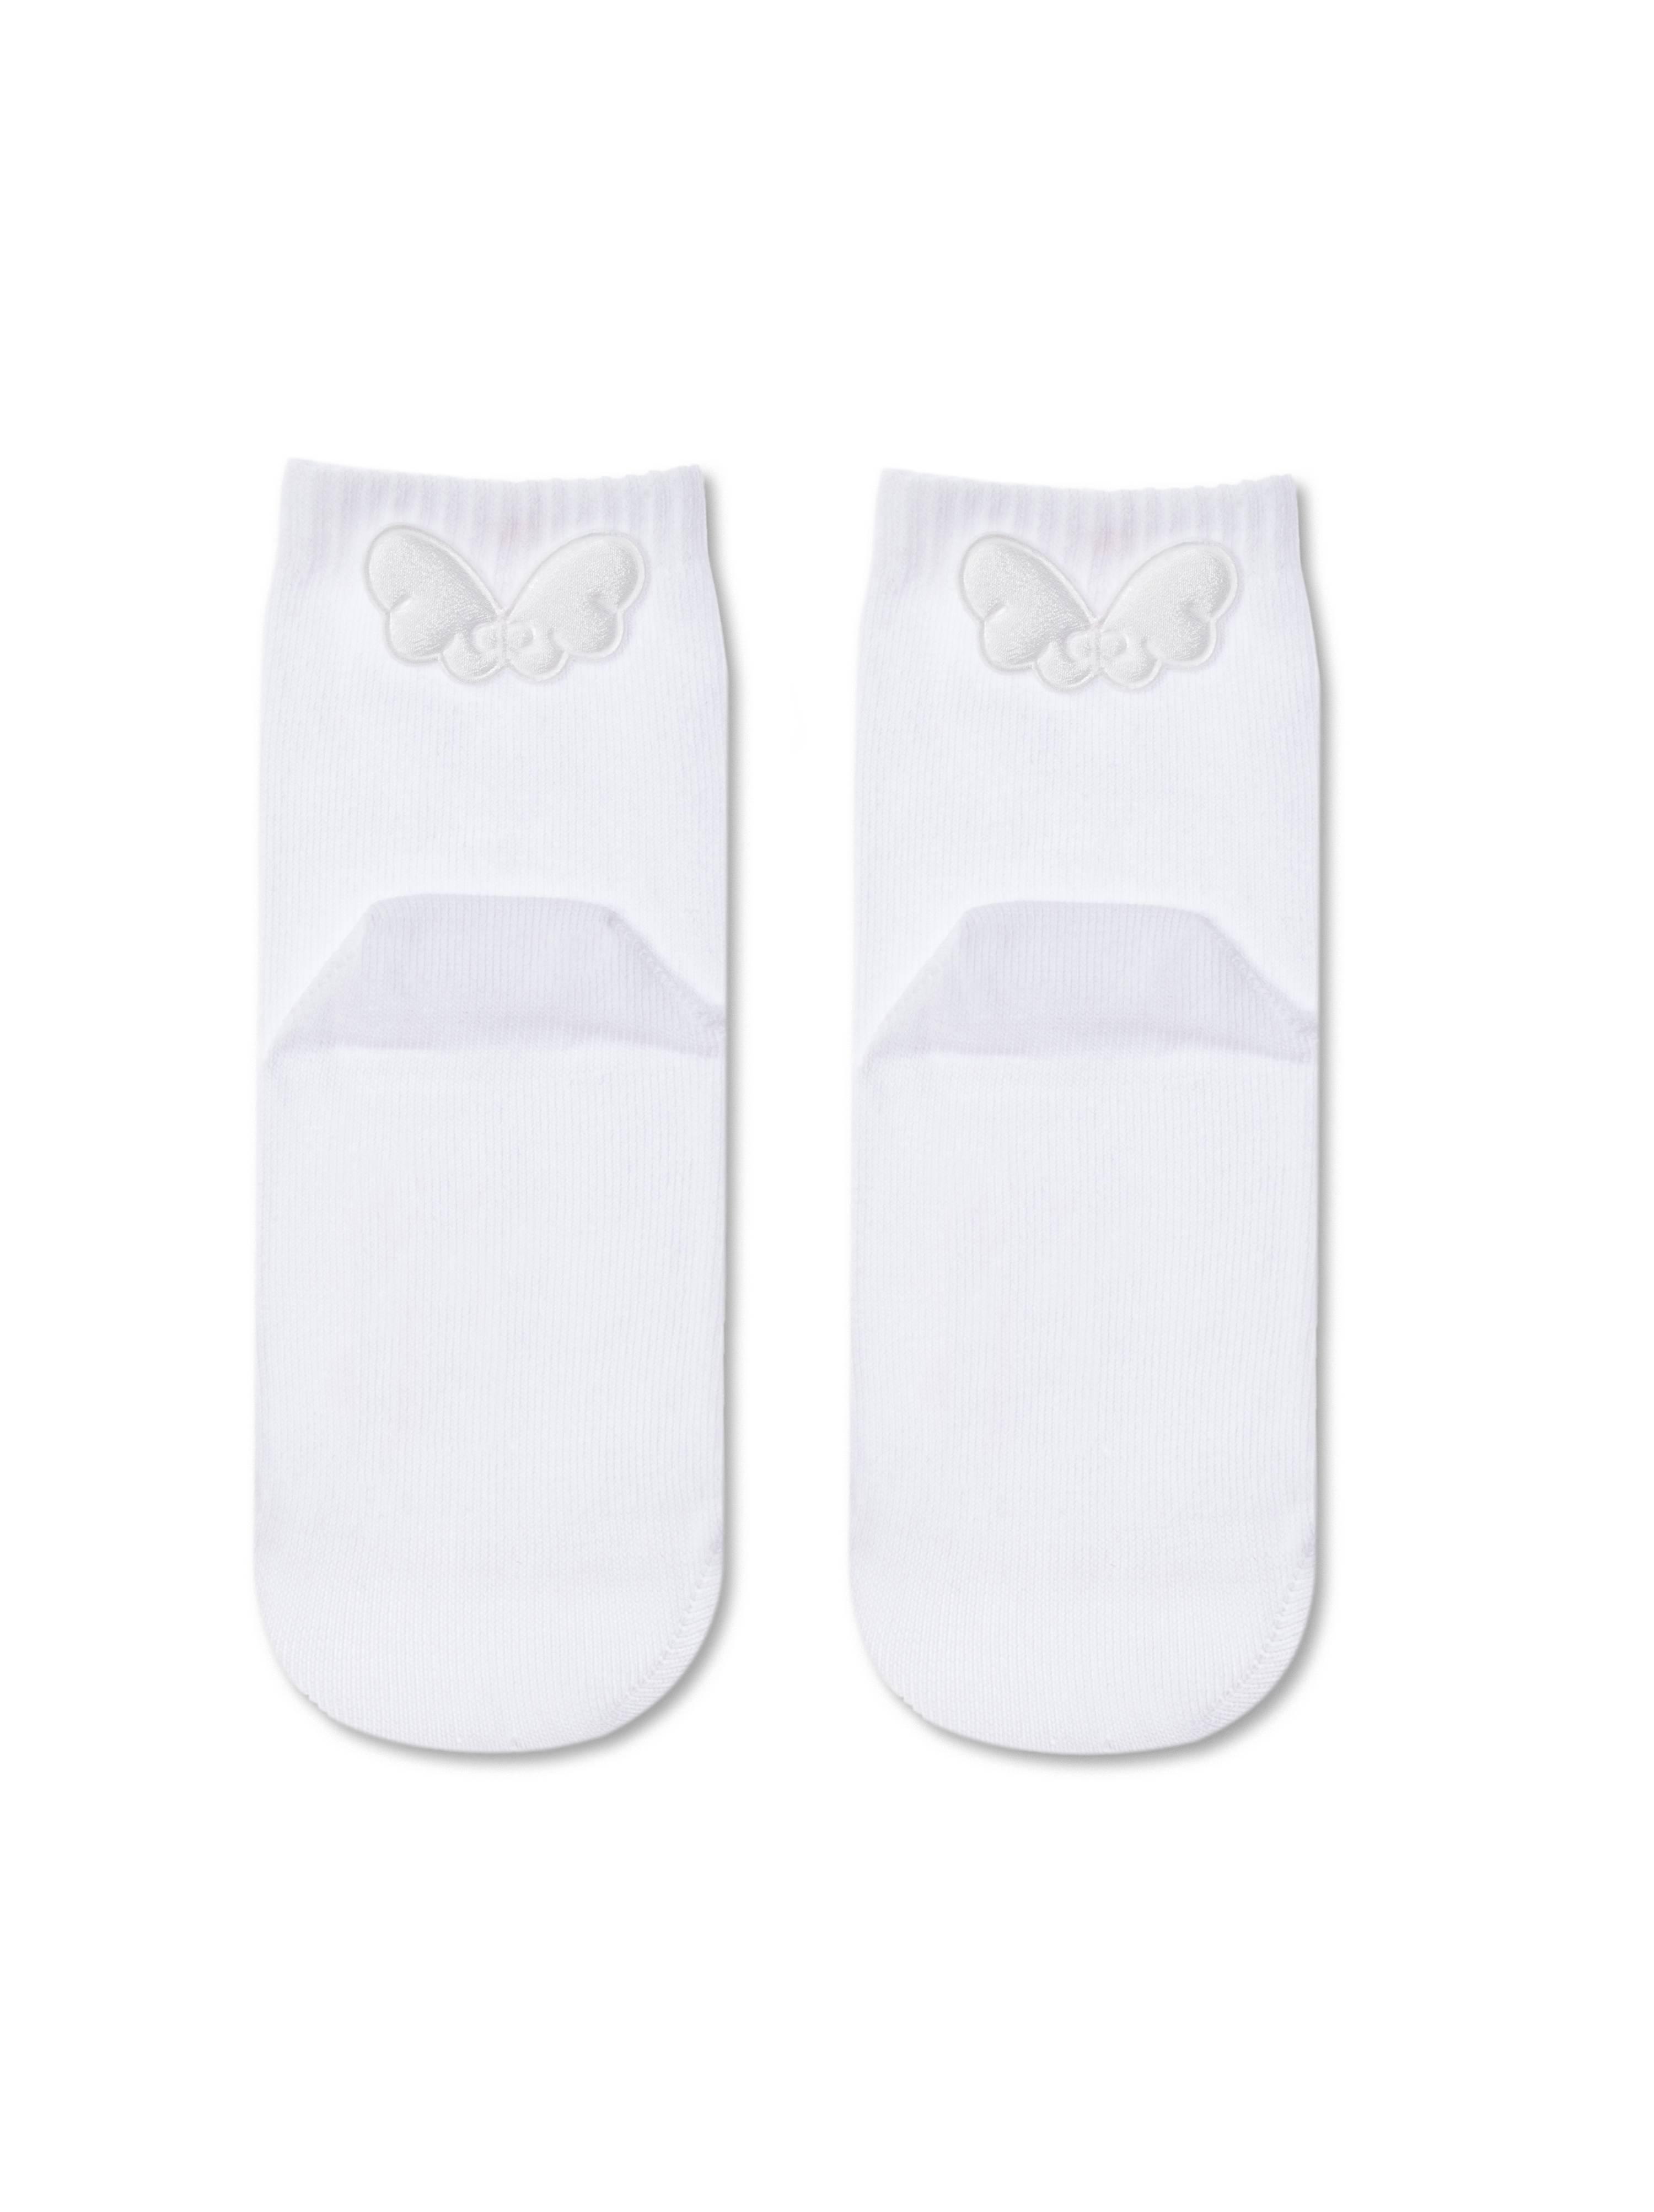 Носки детские ⭐️ Детские хлопковые носки Tip-Top с крылышками ⭐️